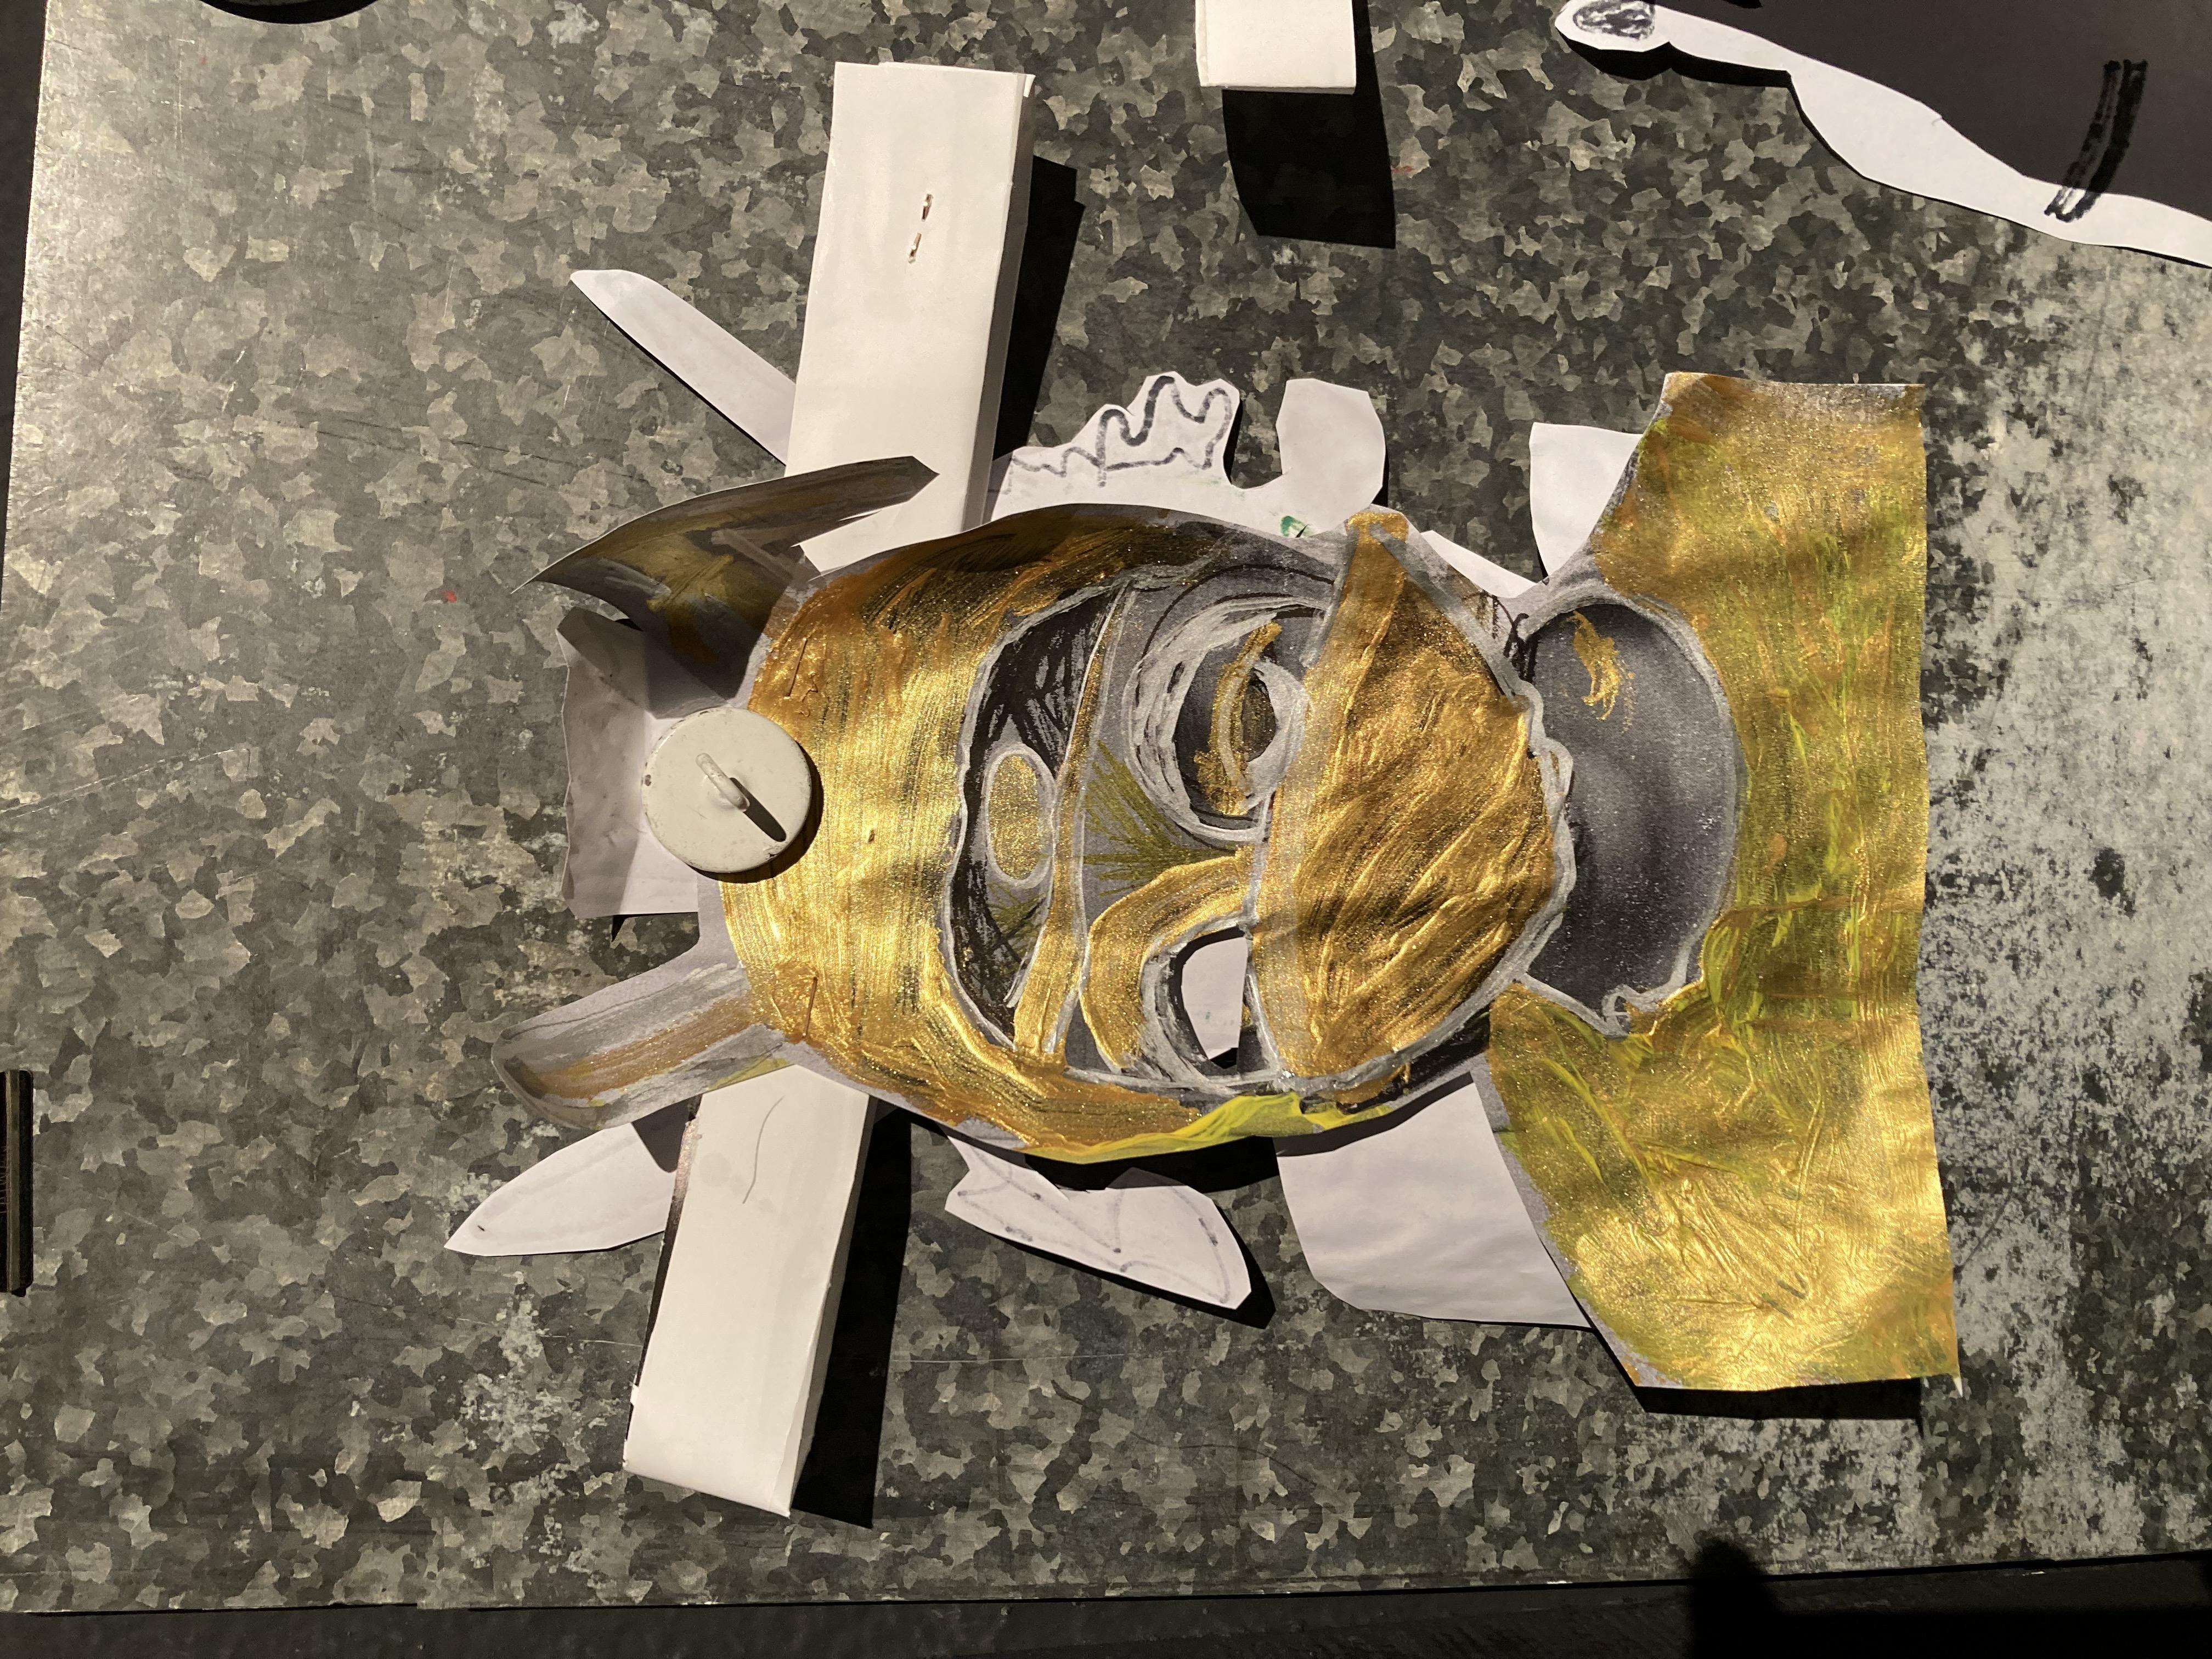 ein schwarz weißes A4-großes Foto eines Schülers wurde mit goldener und weißer Farbe so übermalt, das es wie eine goldene Maske erschein, die nur noch wenig vom ursprünglichen Gesicht erkennen lässt.